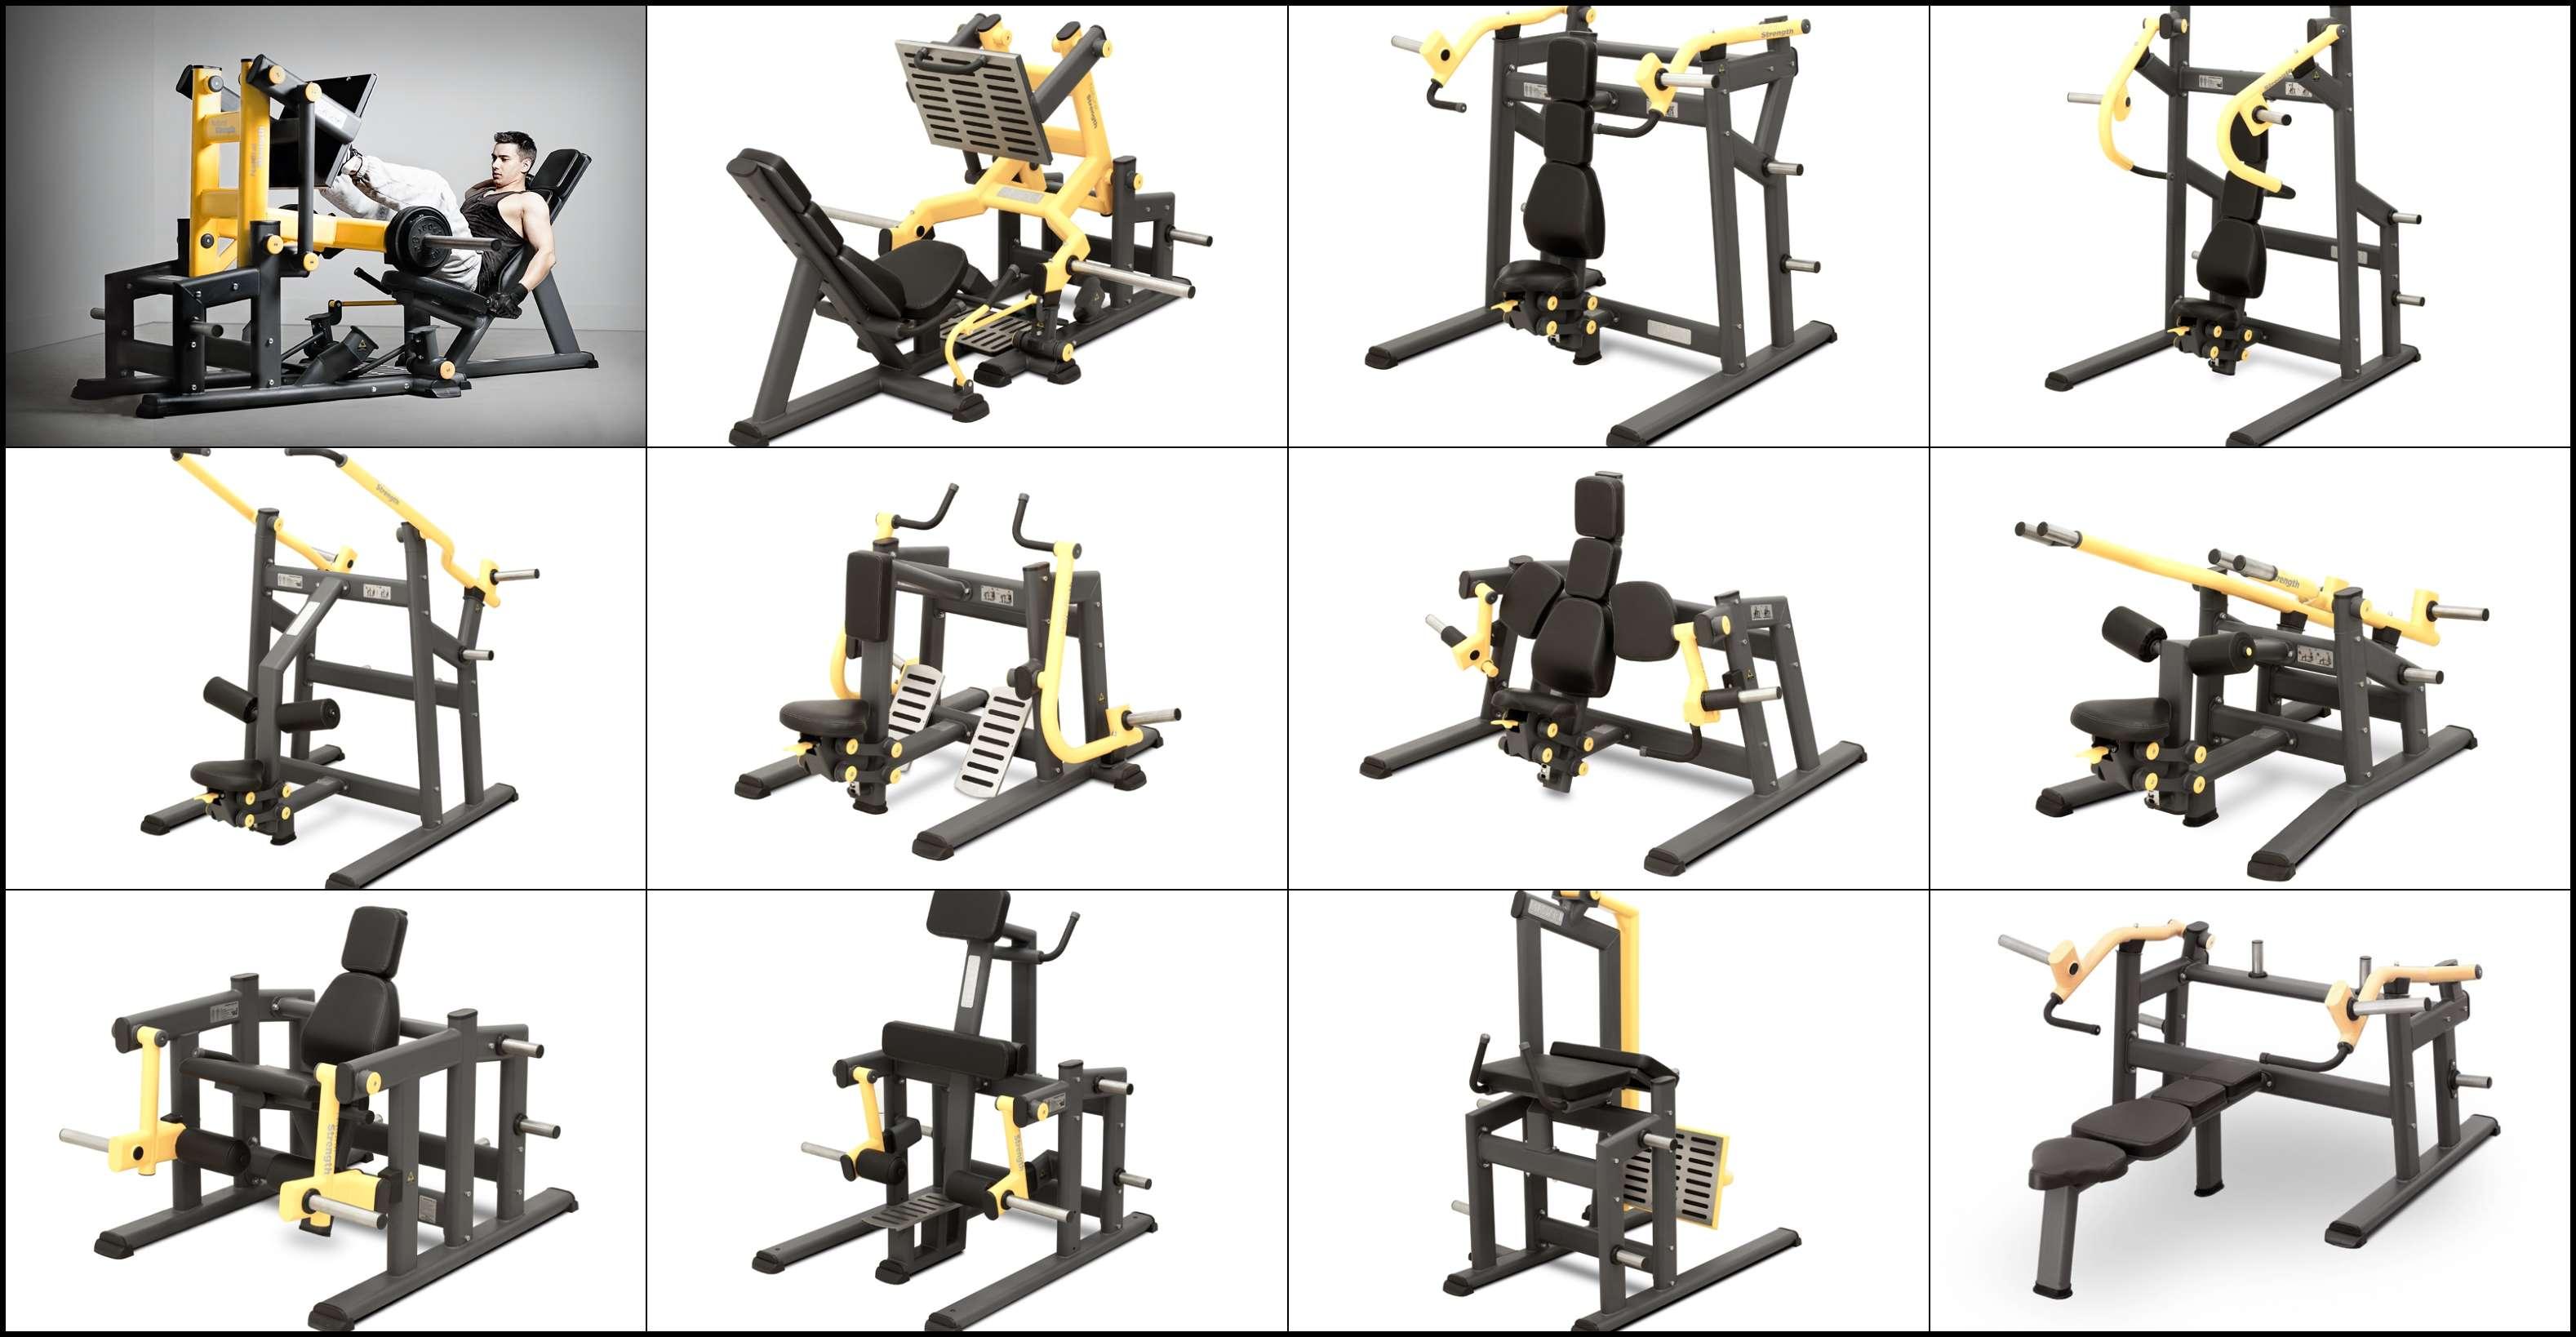 profi kraftger t mastersport kabelzugstation cable crossover fitnessstudio life ebay. Black Bedroom Furniture Sets. Home Design Ideas